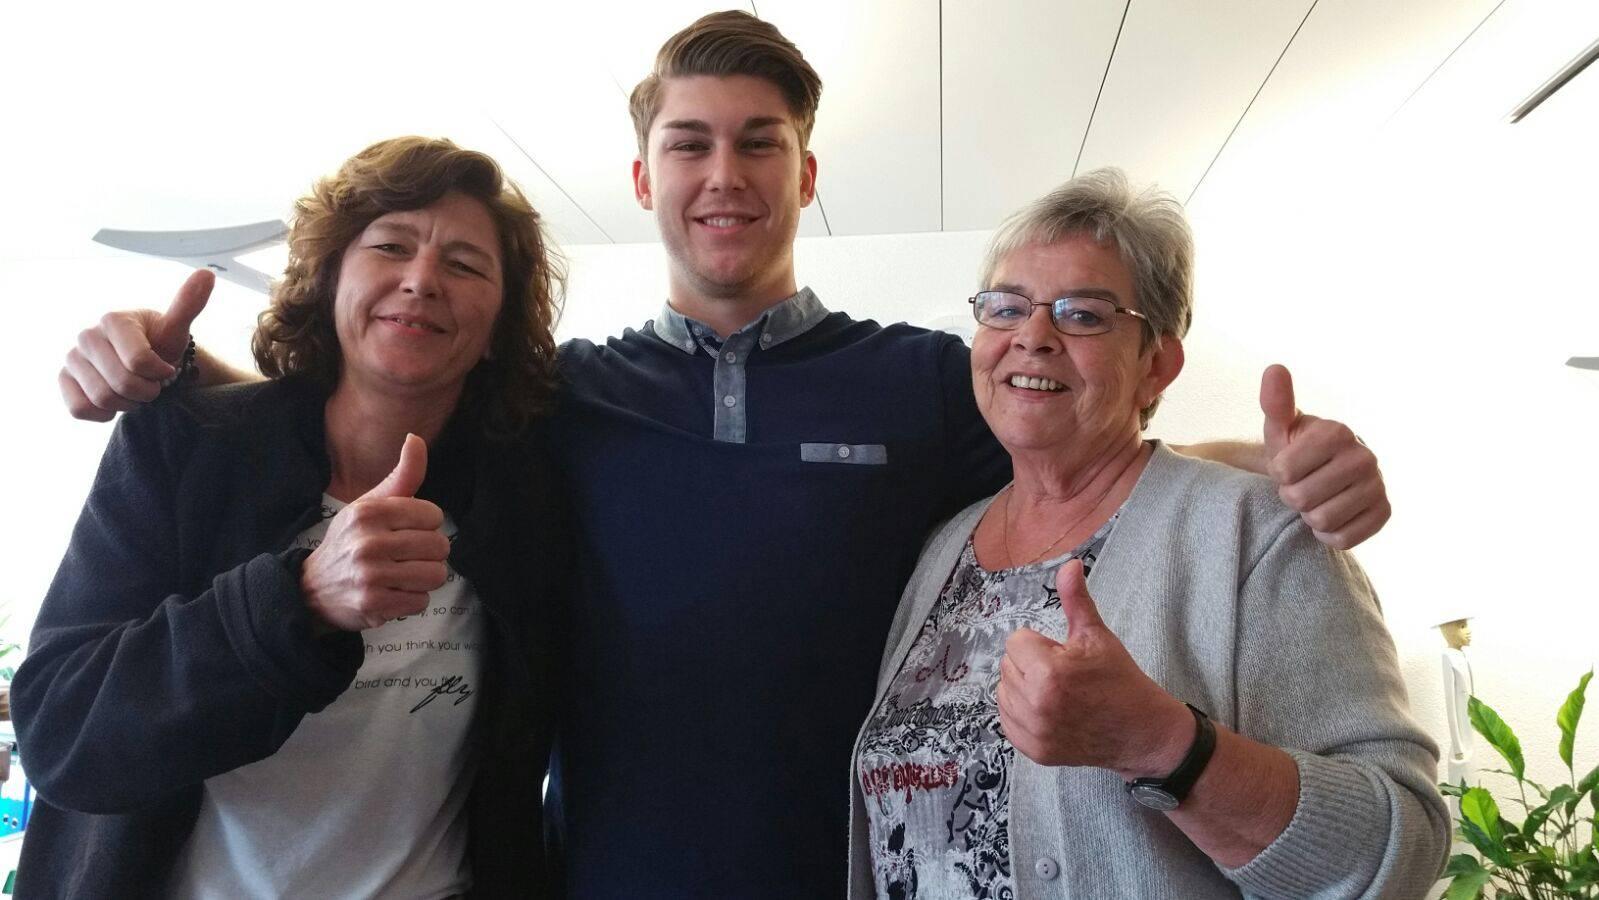 5gwönnt: Luca aus Oberglatt gewinnt 800.-